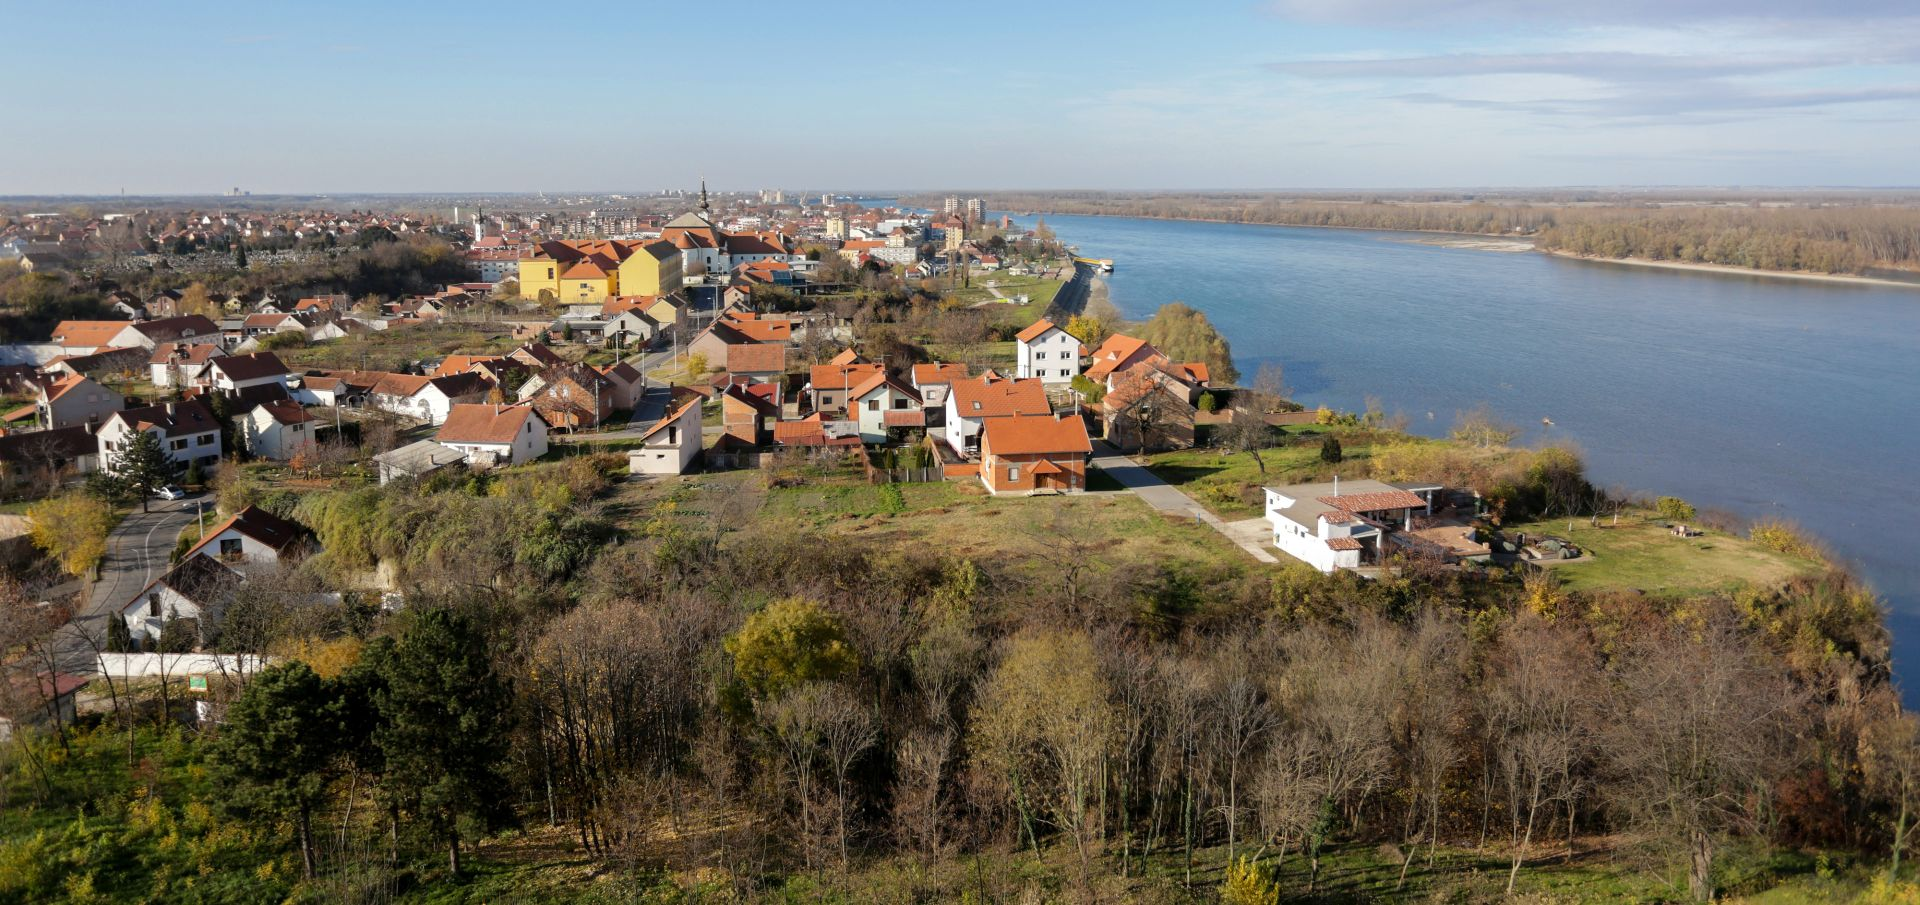 Vukovarsko-srijemski SDSS: tvrdnje dogradonačelnika Milkovića su netočne i obmanjivačke